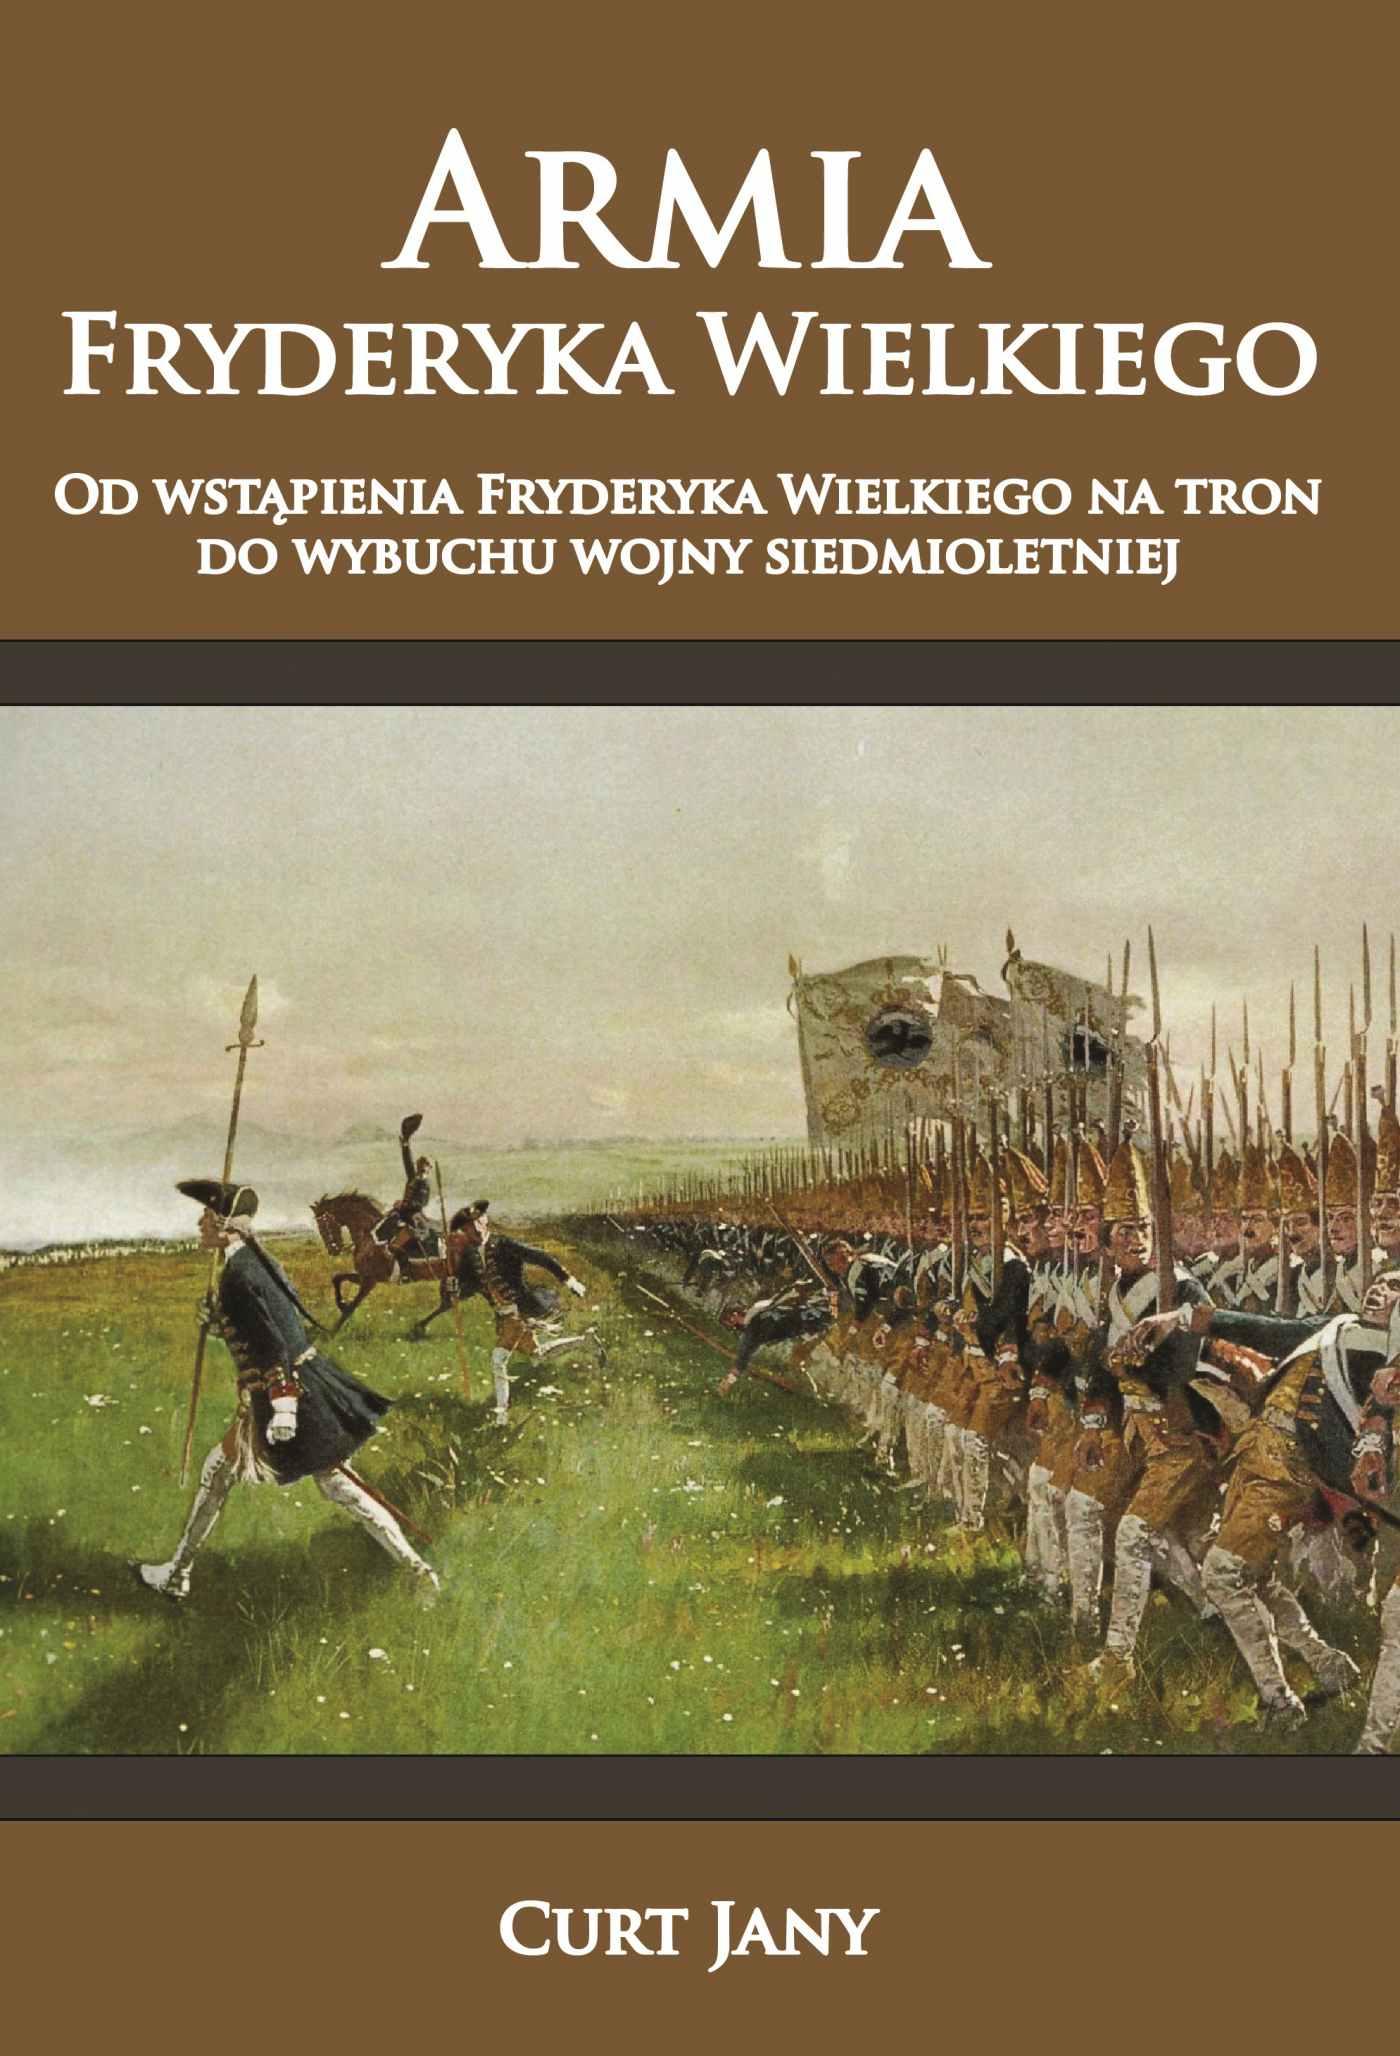 Armia Fryderyka Wielkiego. Od wstąpienia Fryderyka Wielkiego na tron do wybuchu wojny siedmioletniej - Ebook (Książka na Kindle) do pobrania w formacie MOBI